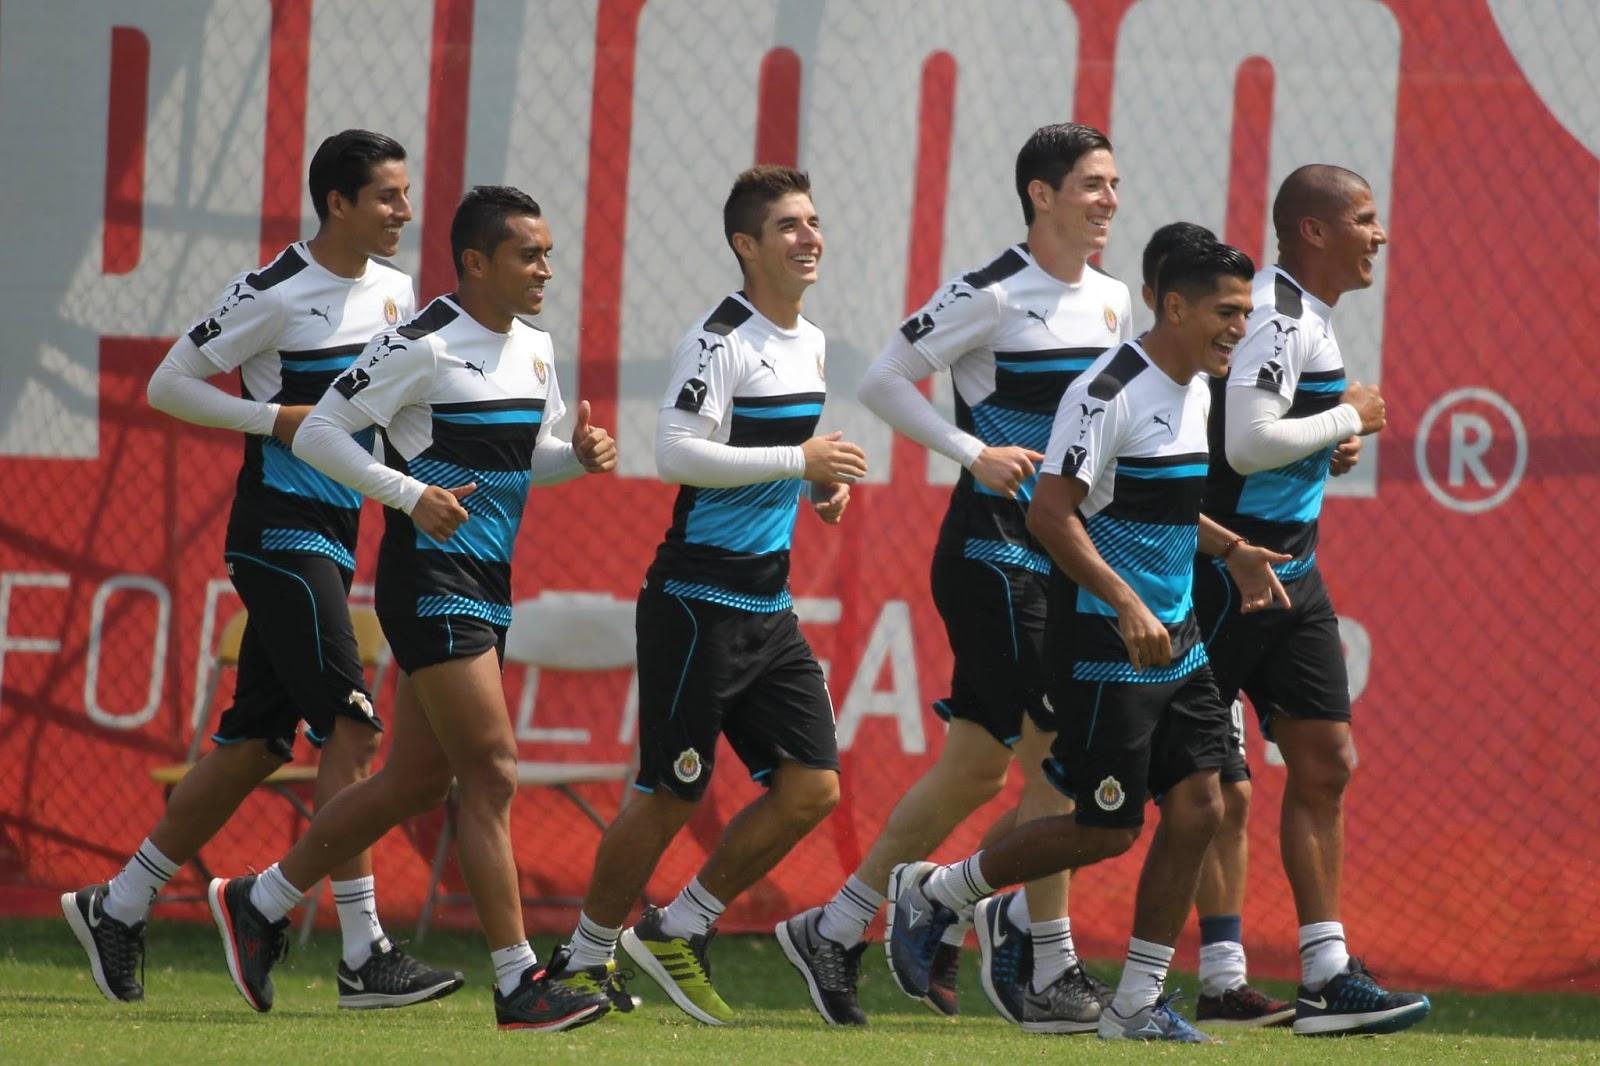 Chivas se prepara para enfrentar a Cruz Azul este sábado por la noche.